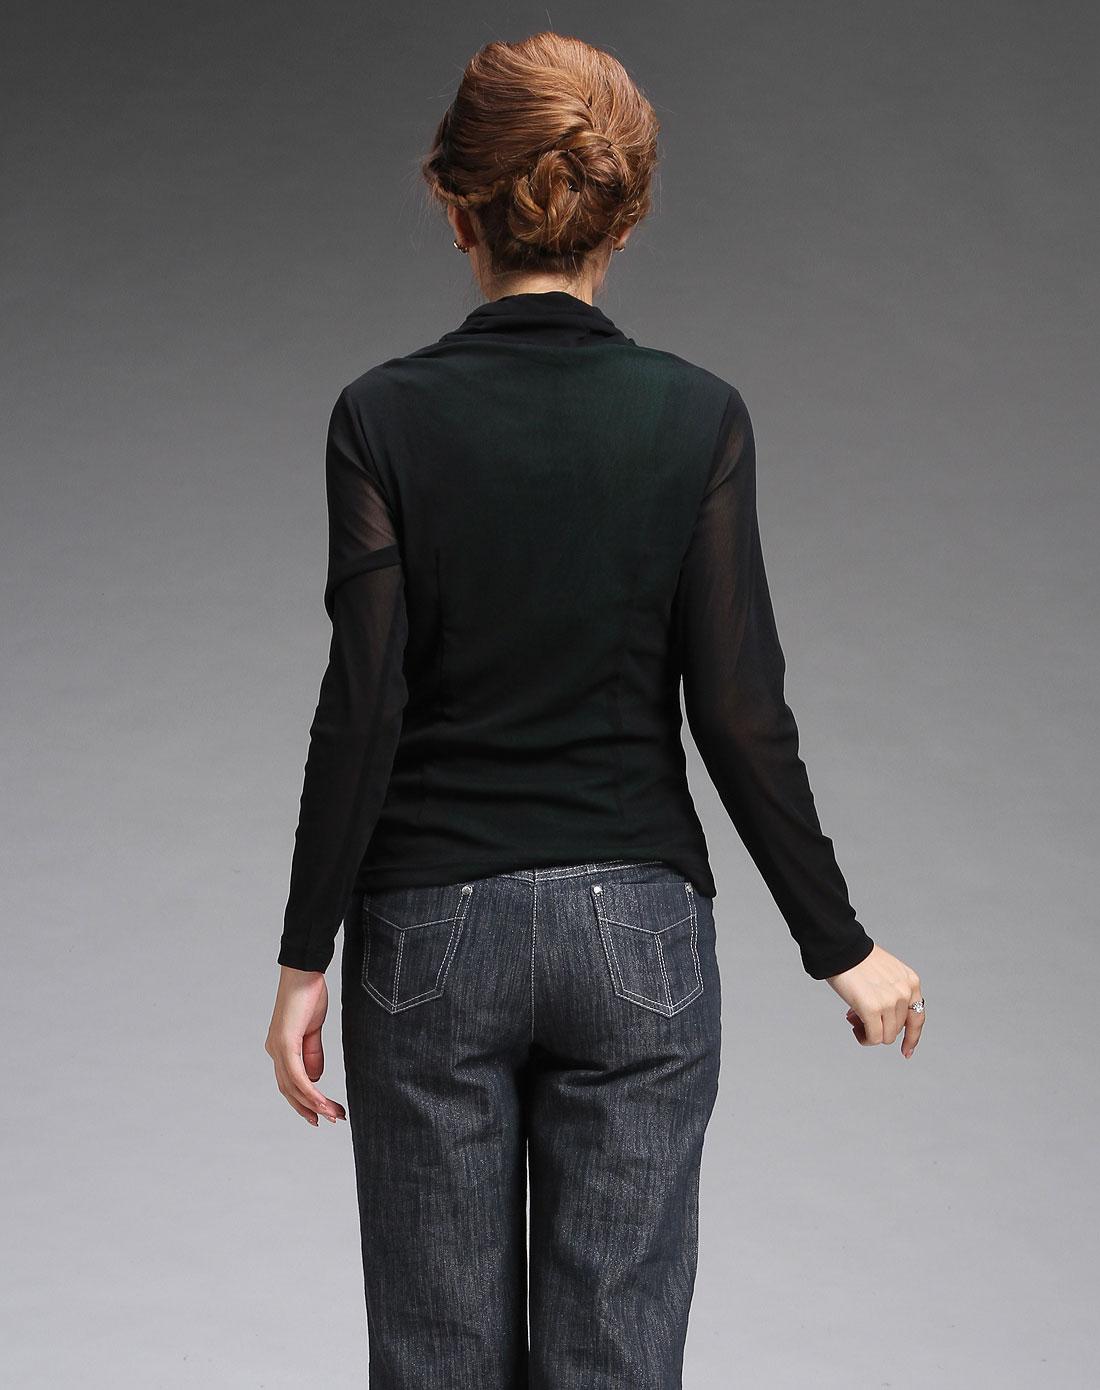 蕾朵liedow黑色高领时尚长袖上衣